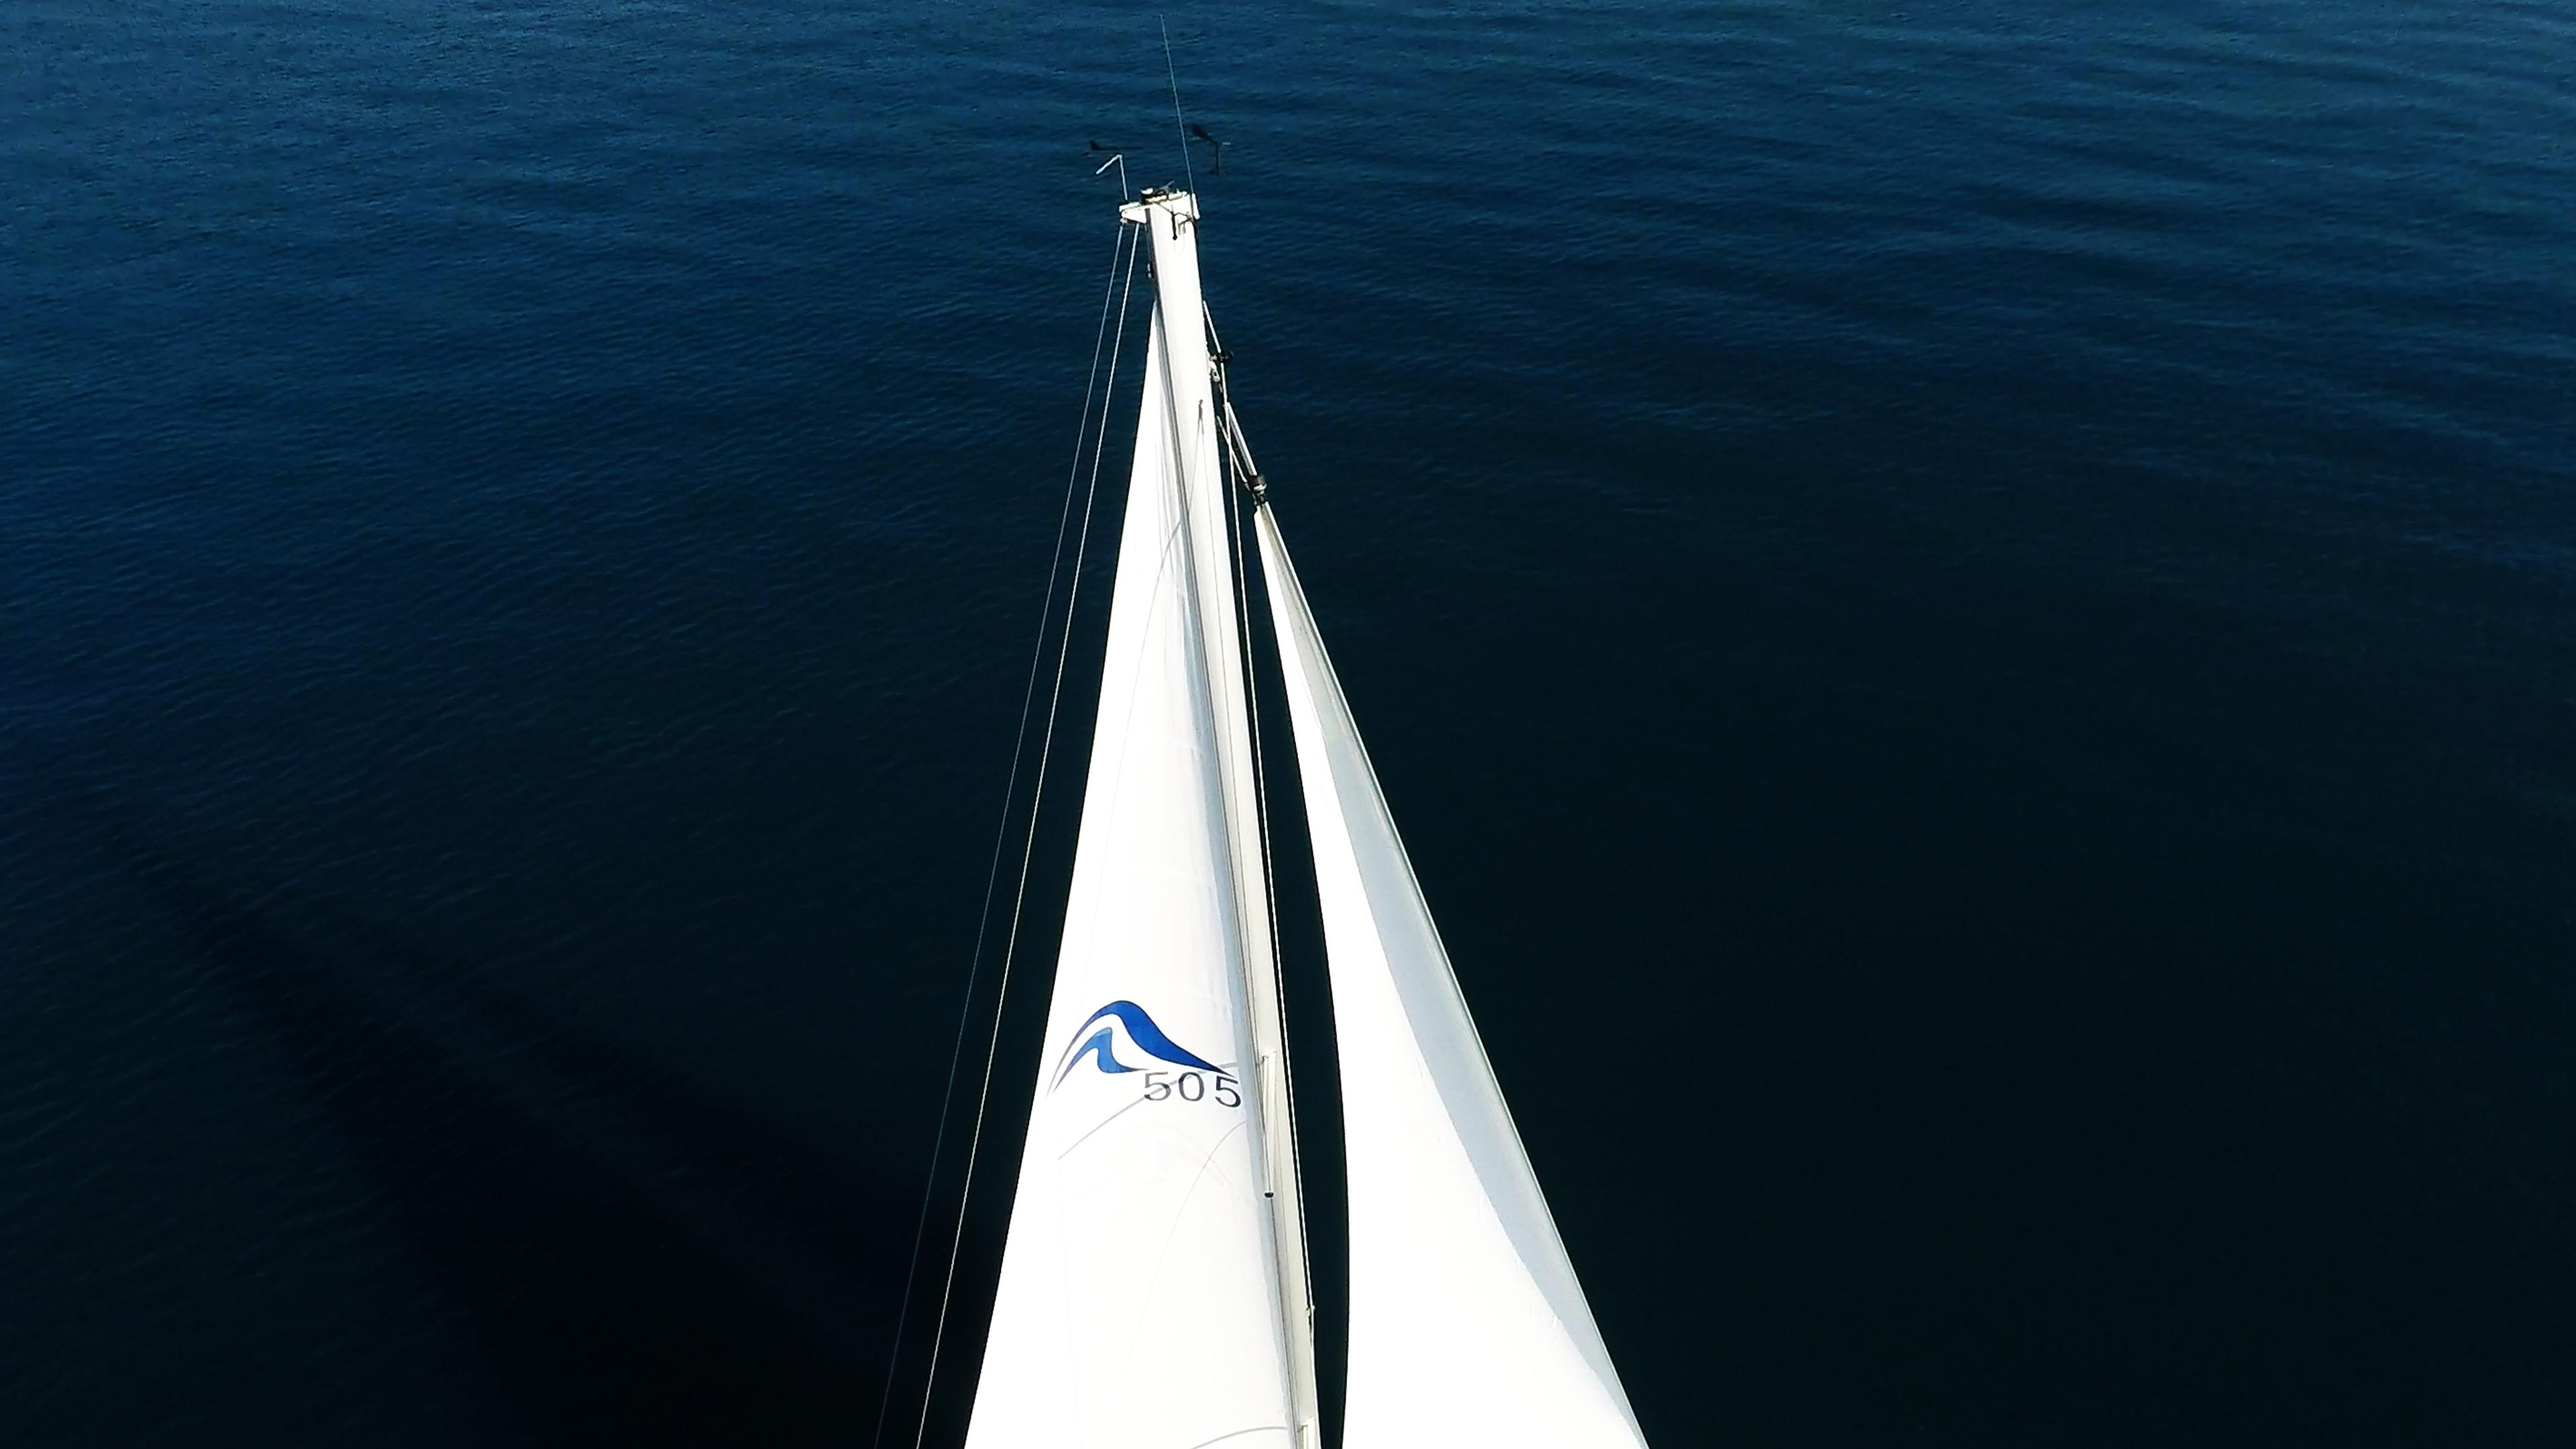 barcha a vela cima dell'albero con la vela principalee genovasopra yacht a vela